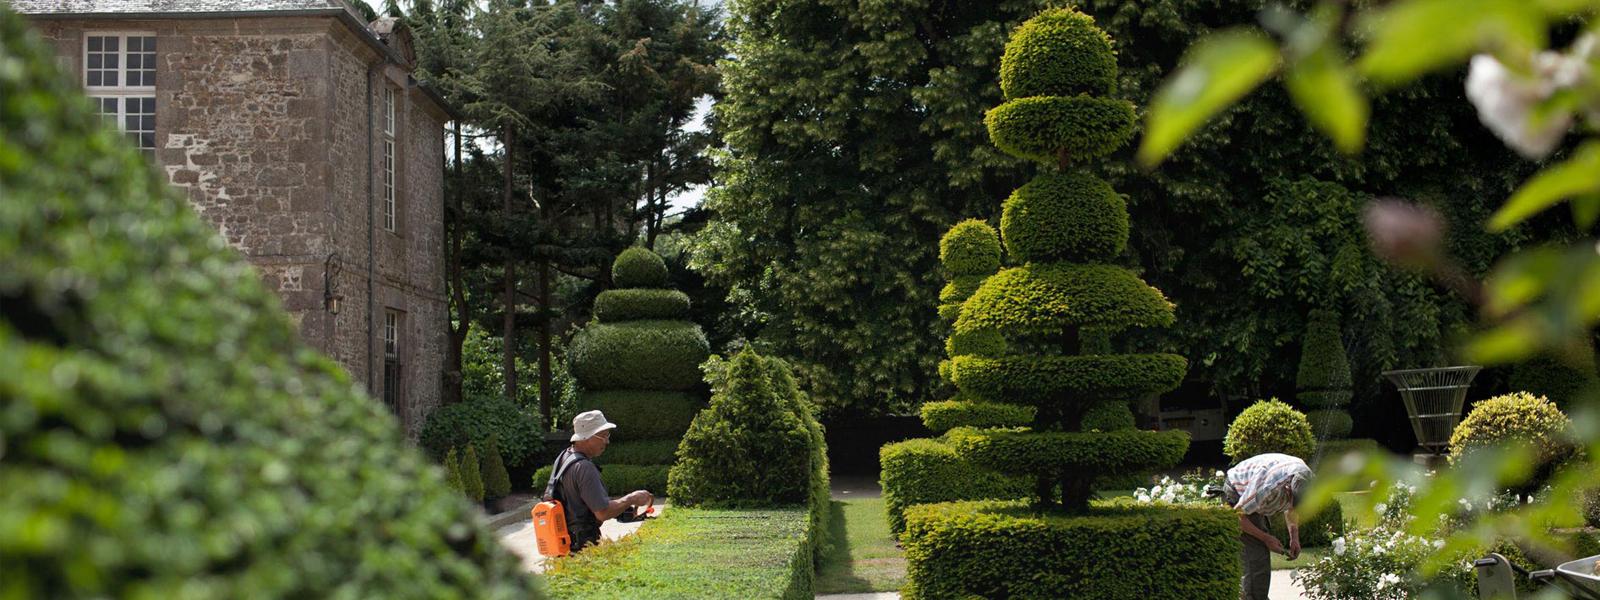 chateau-et-jardins-de-la-ballue-art-topiaire11